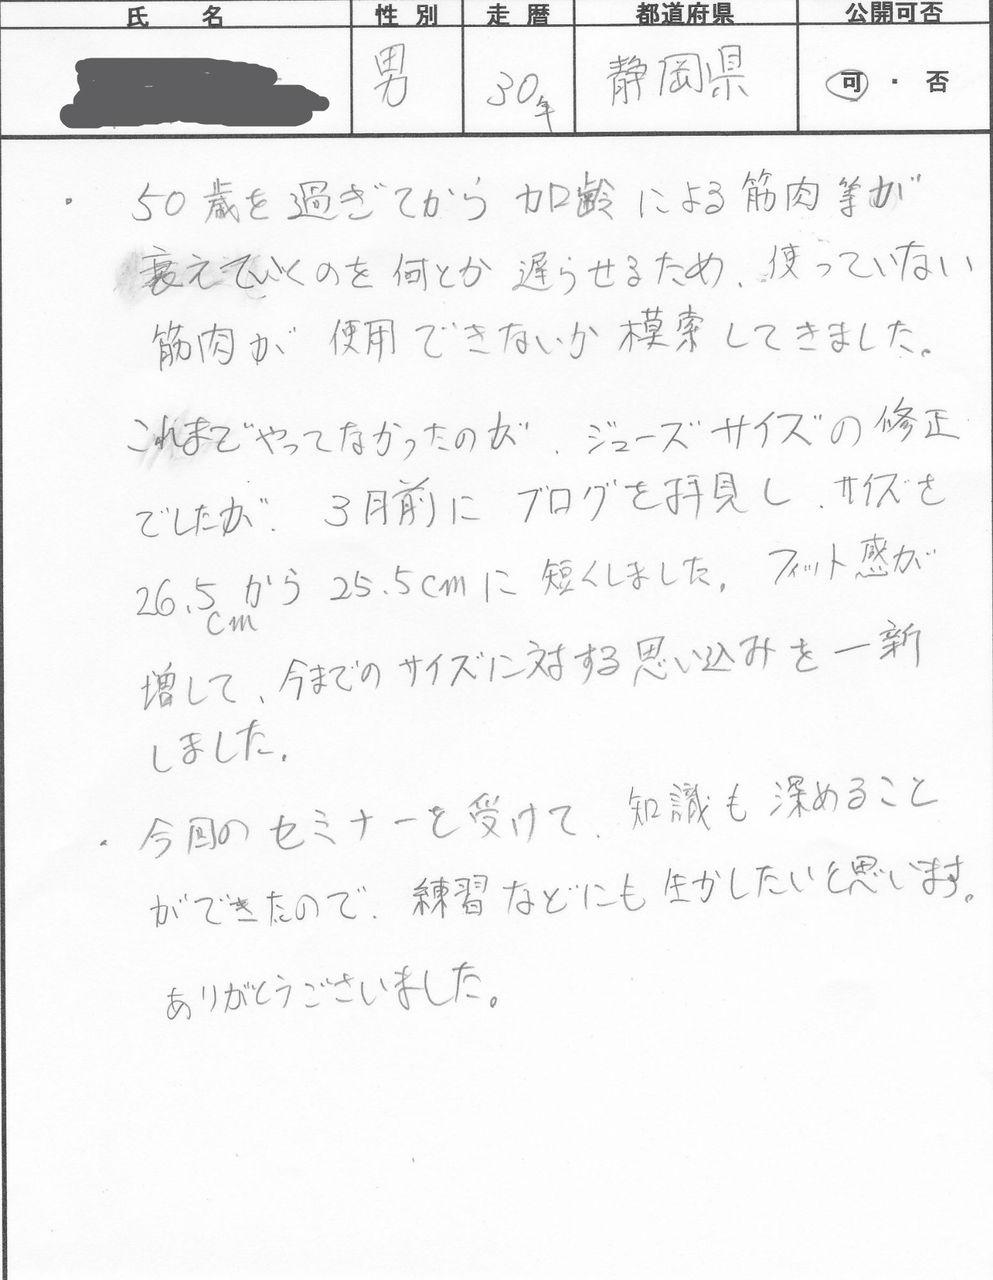 2012年6月東京・静岡セミナー感想_0012_copy